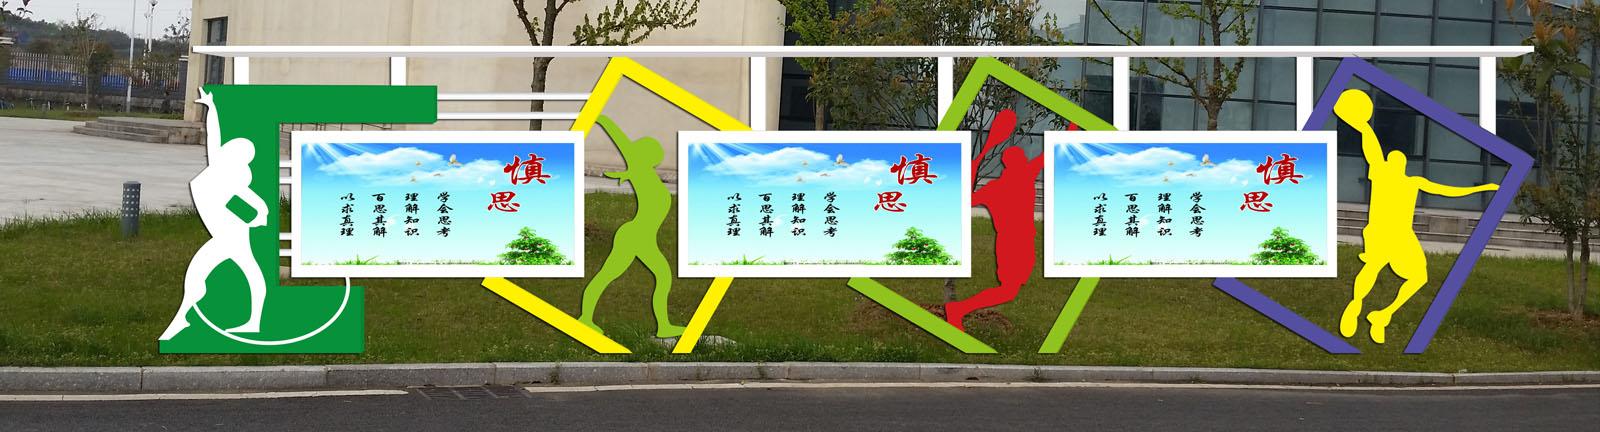 南京公交候车亭